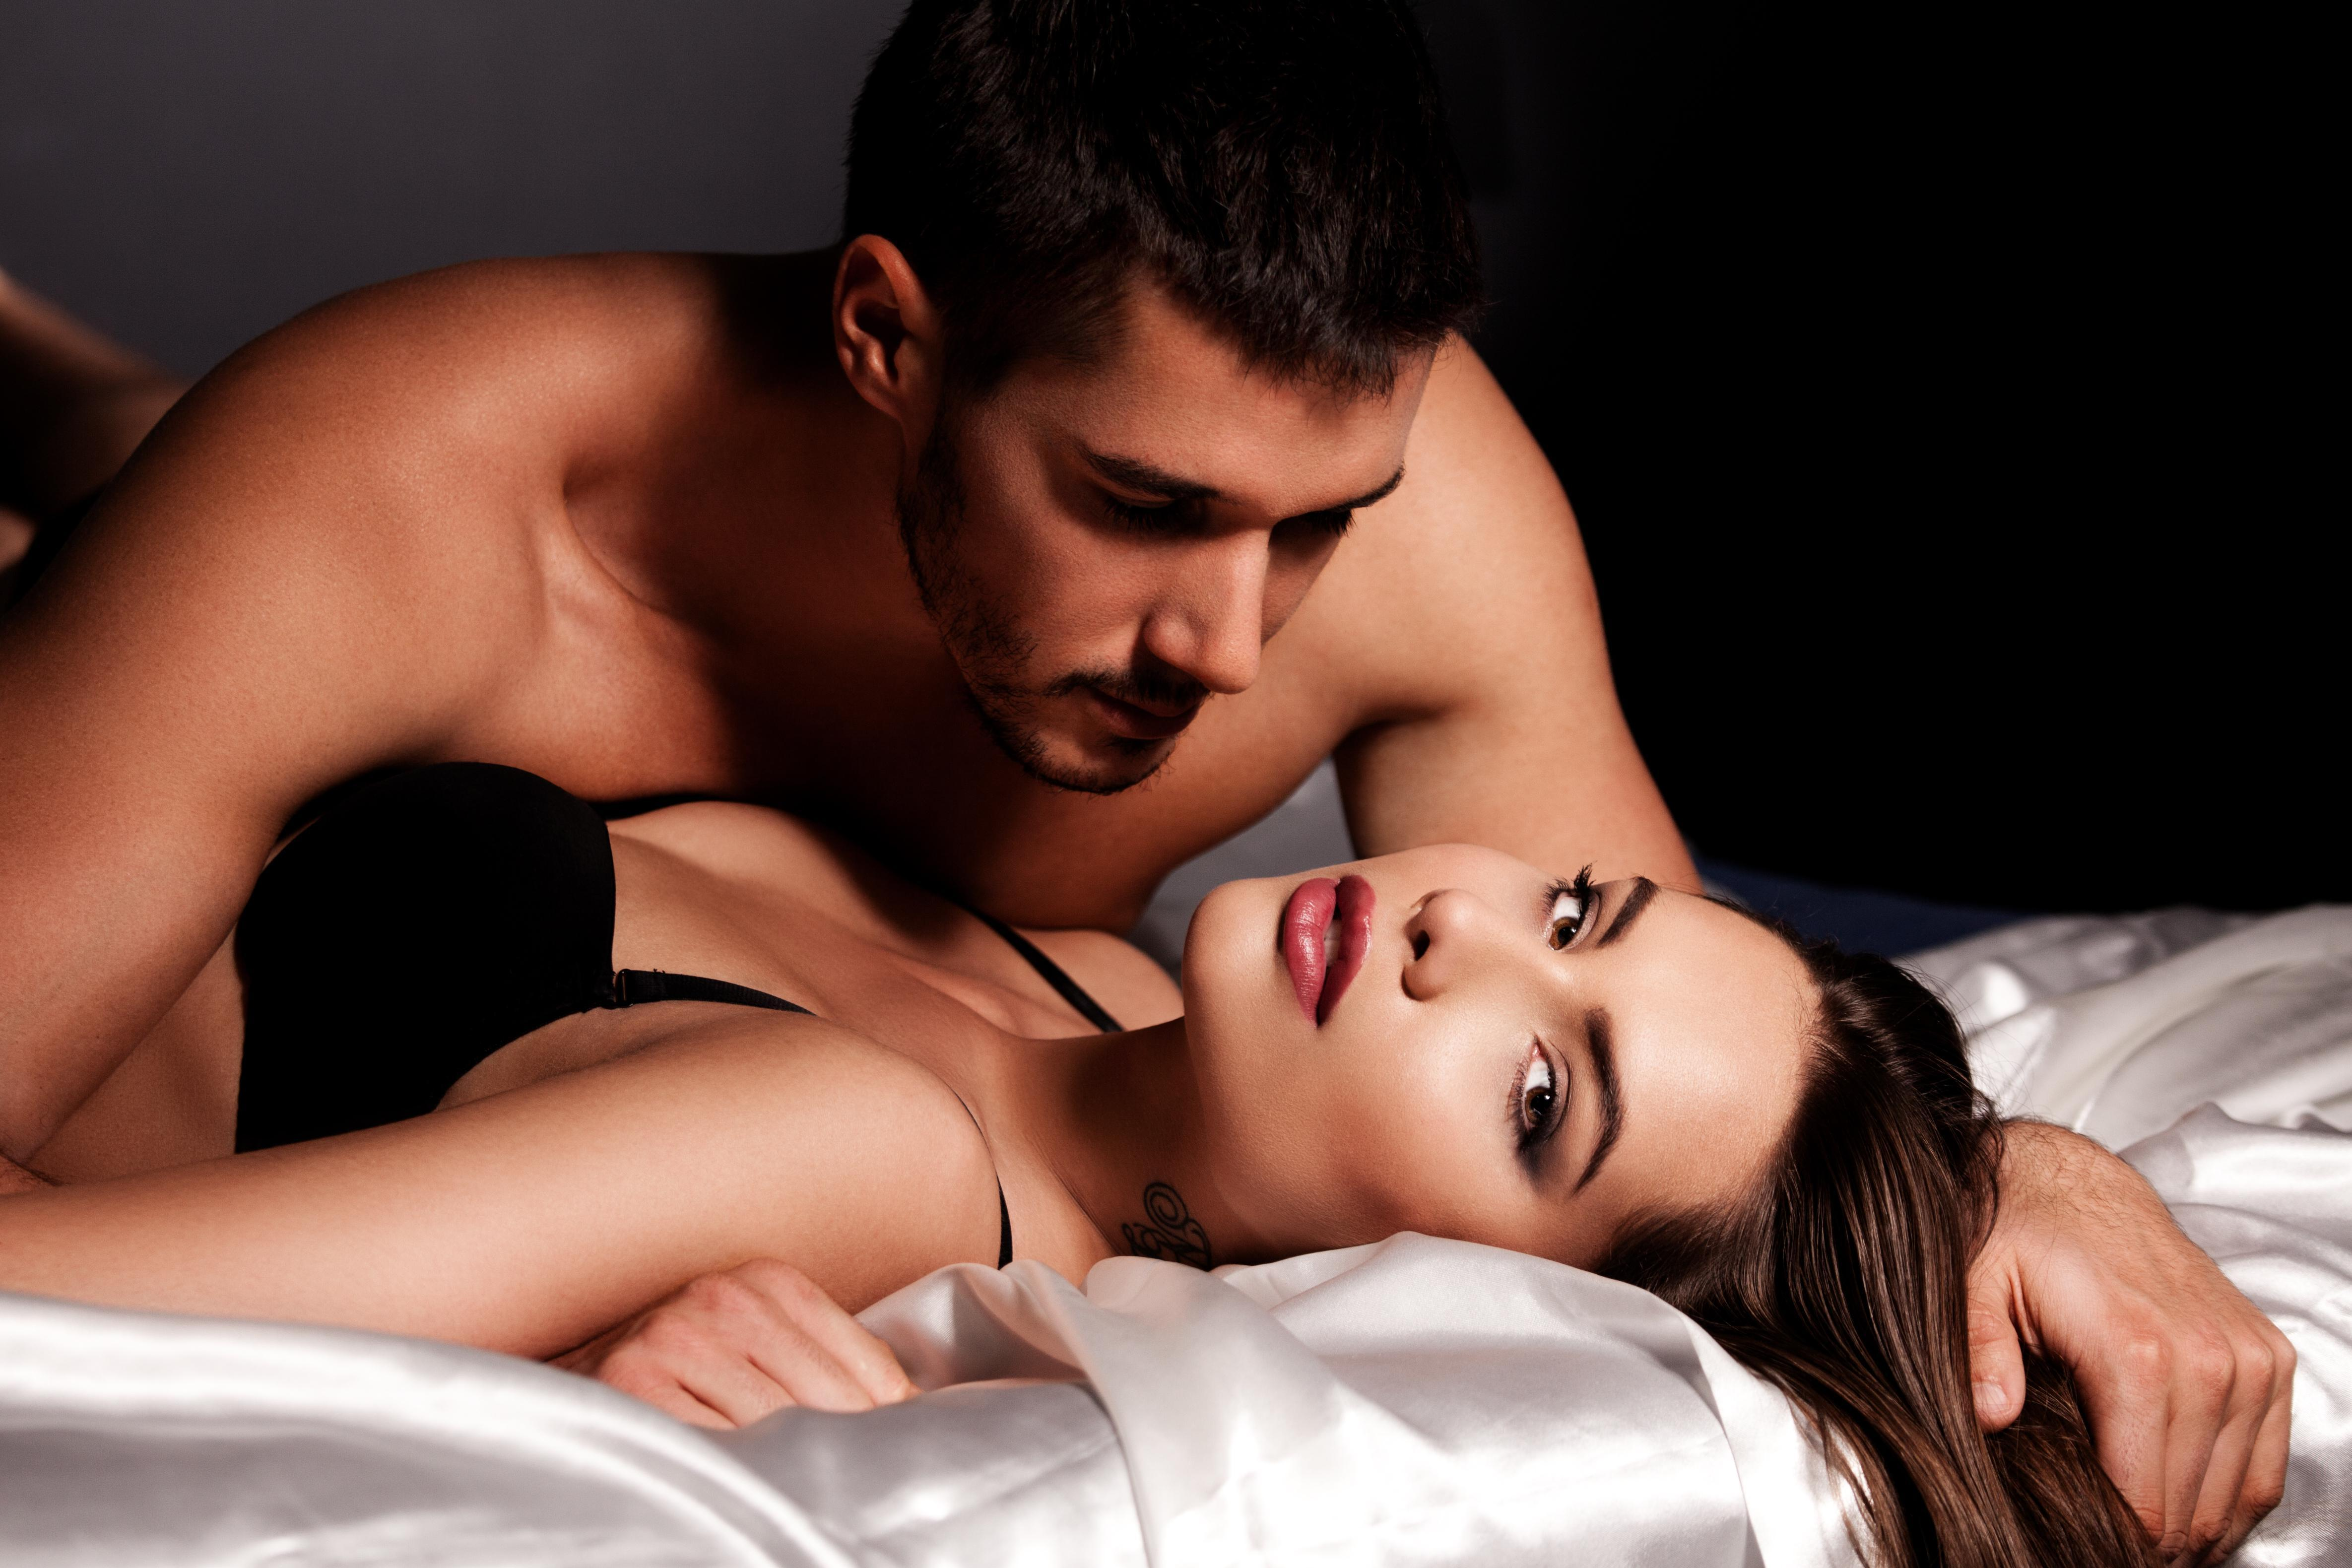 Преимущества анонимных сервисов по интимному общению